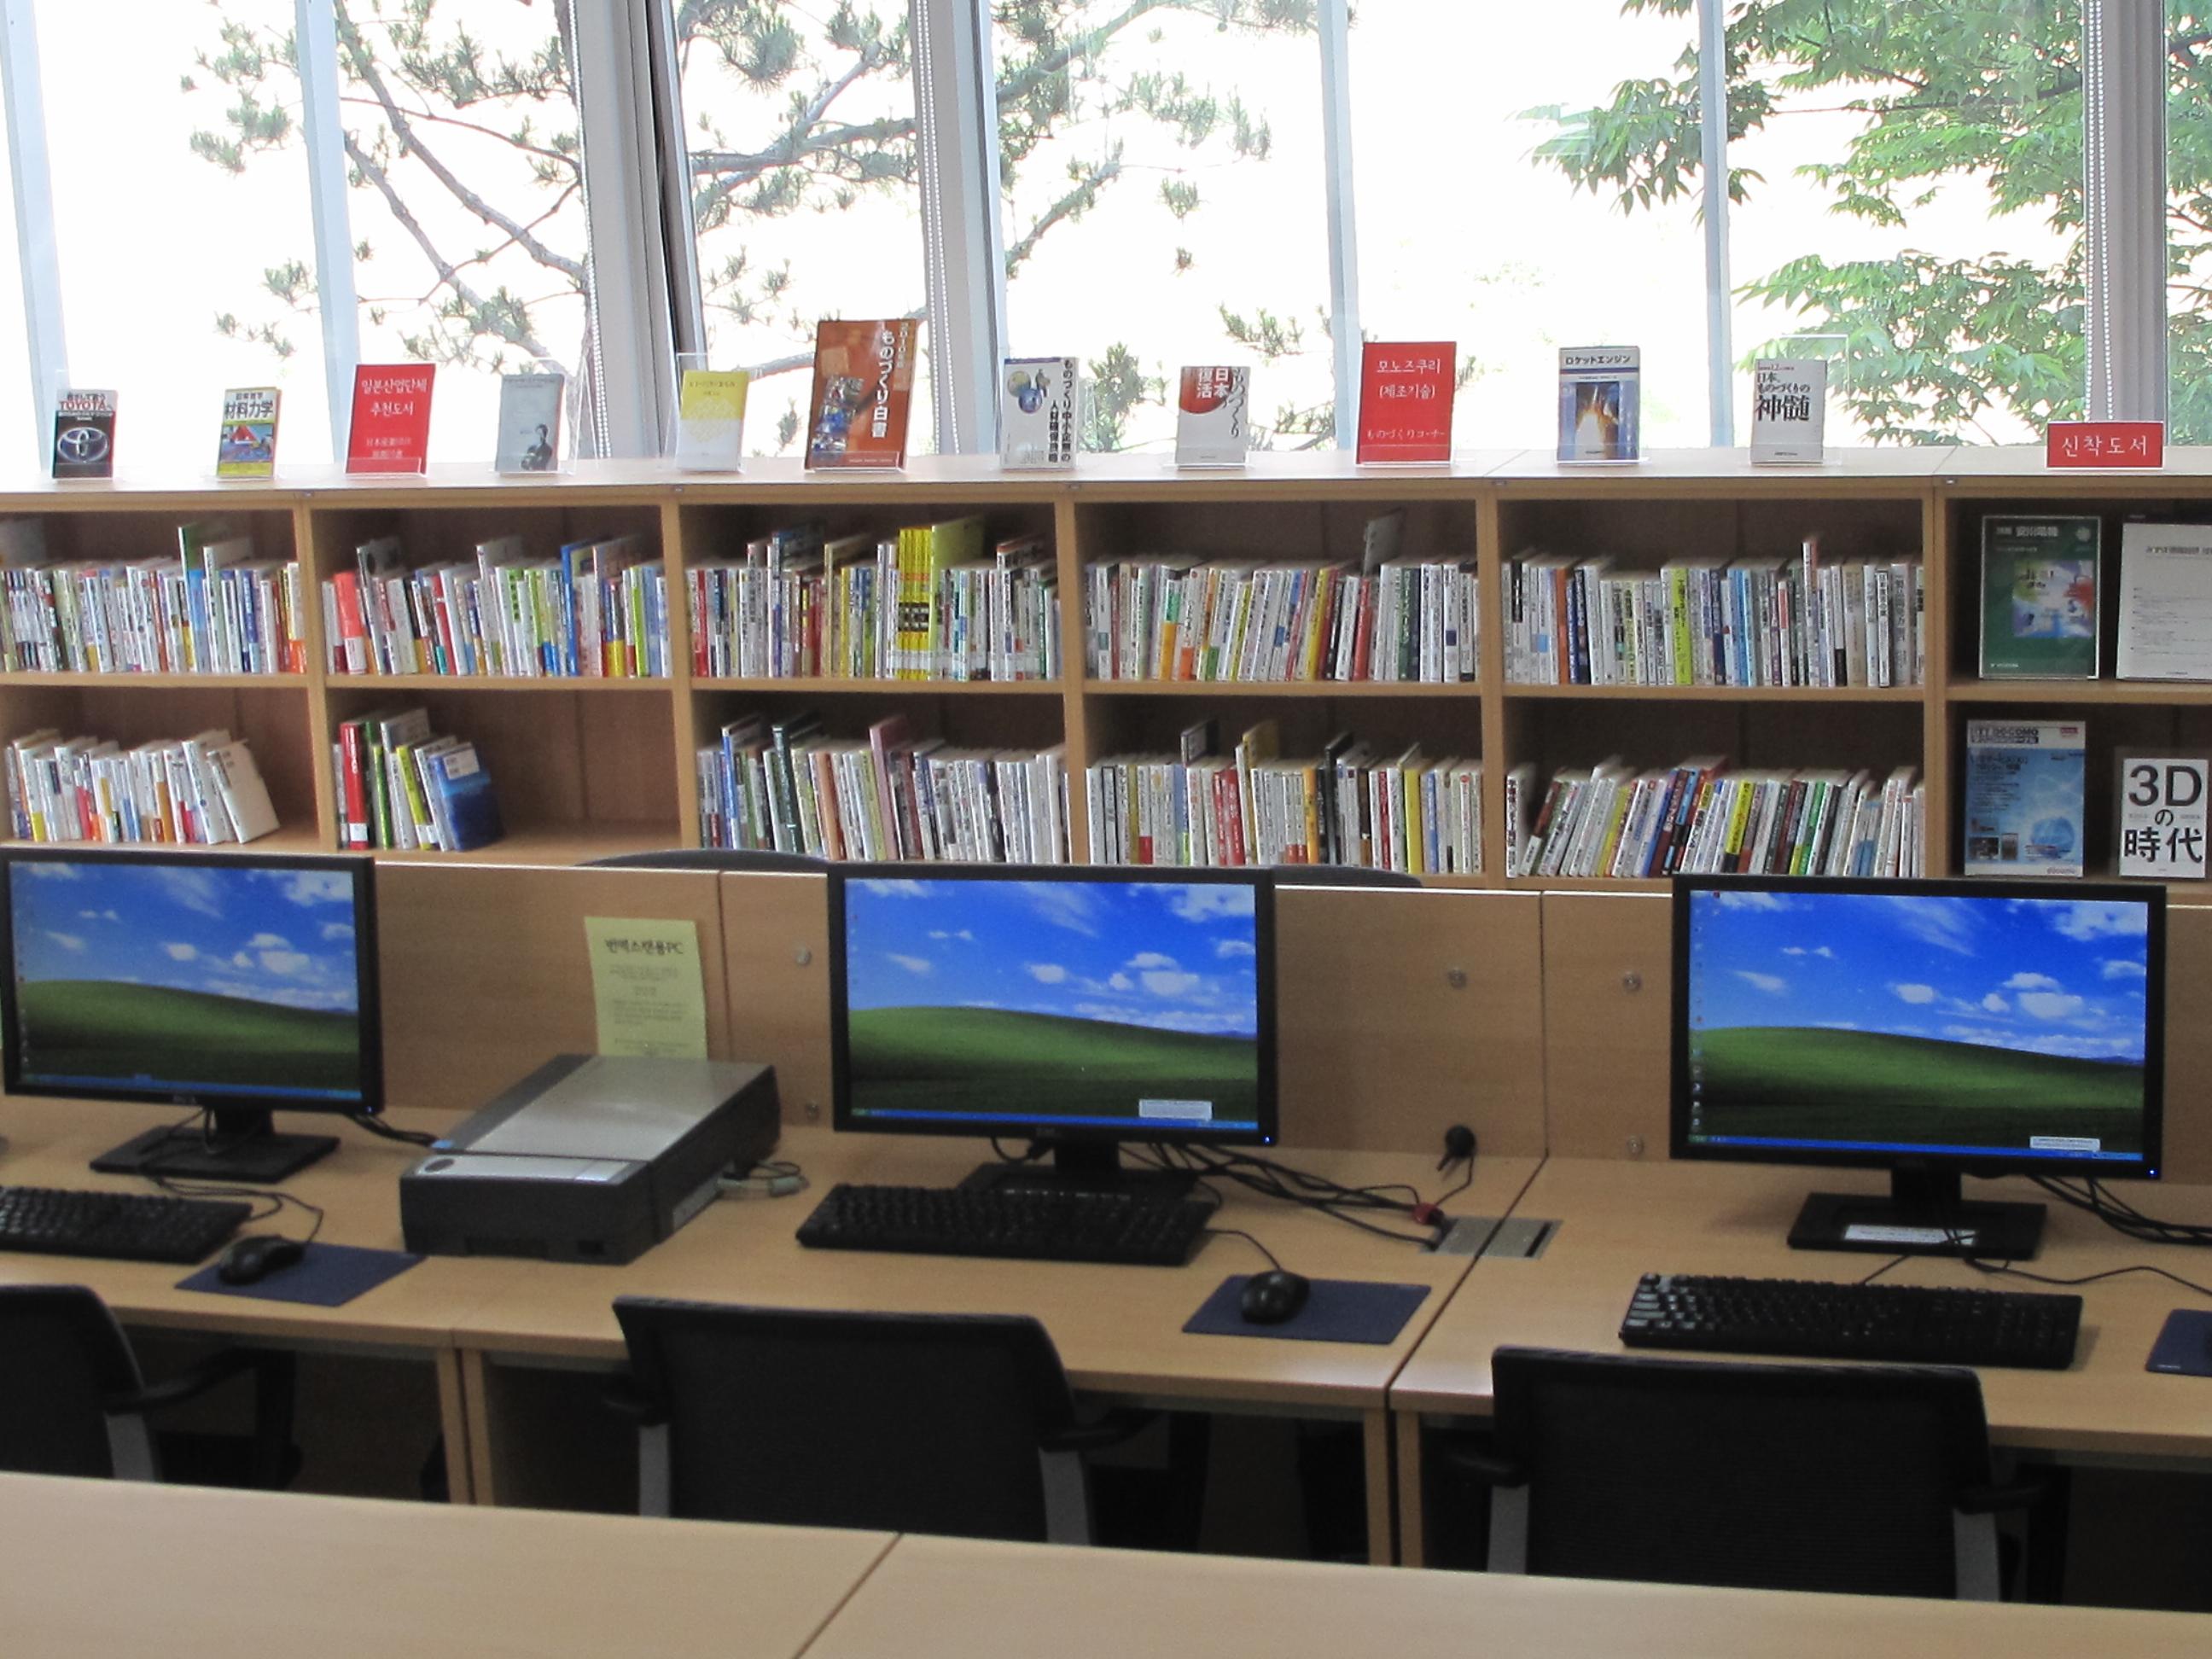 센터 3층 컴퓨터 및 서적들